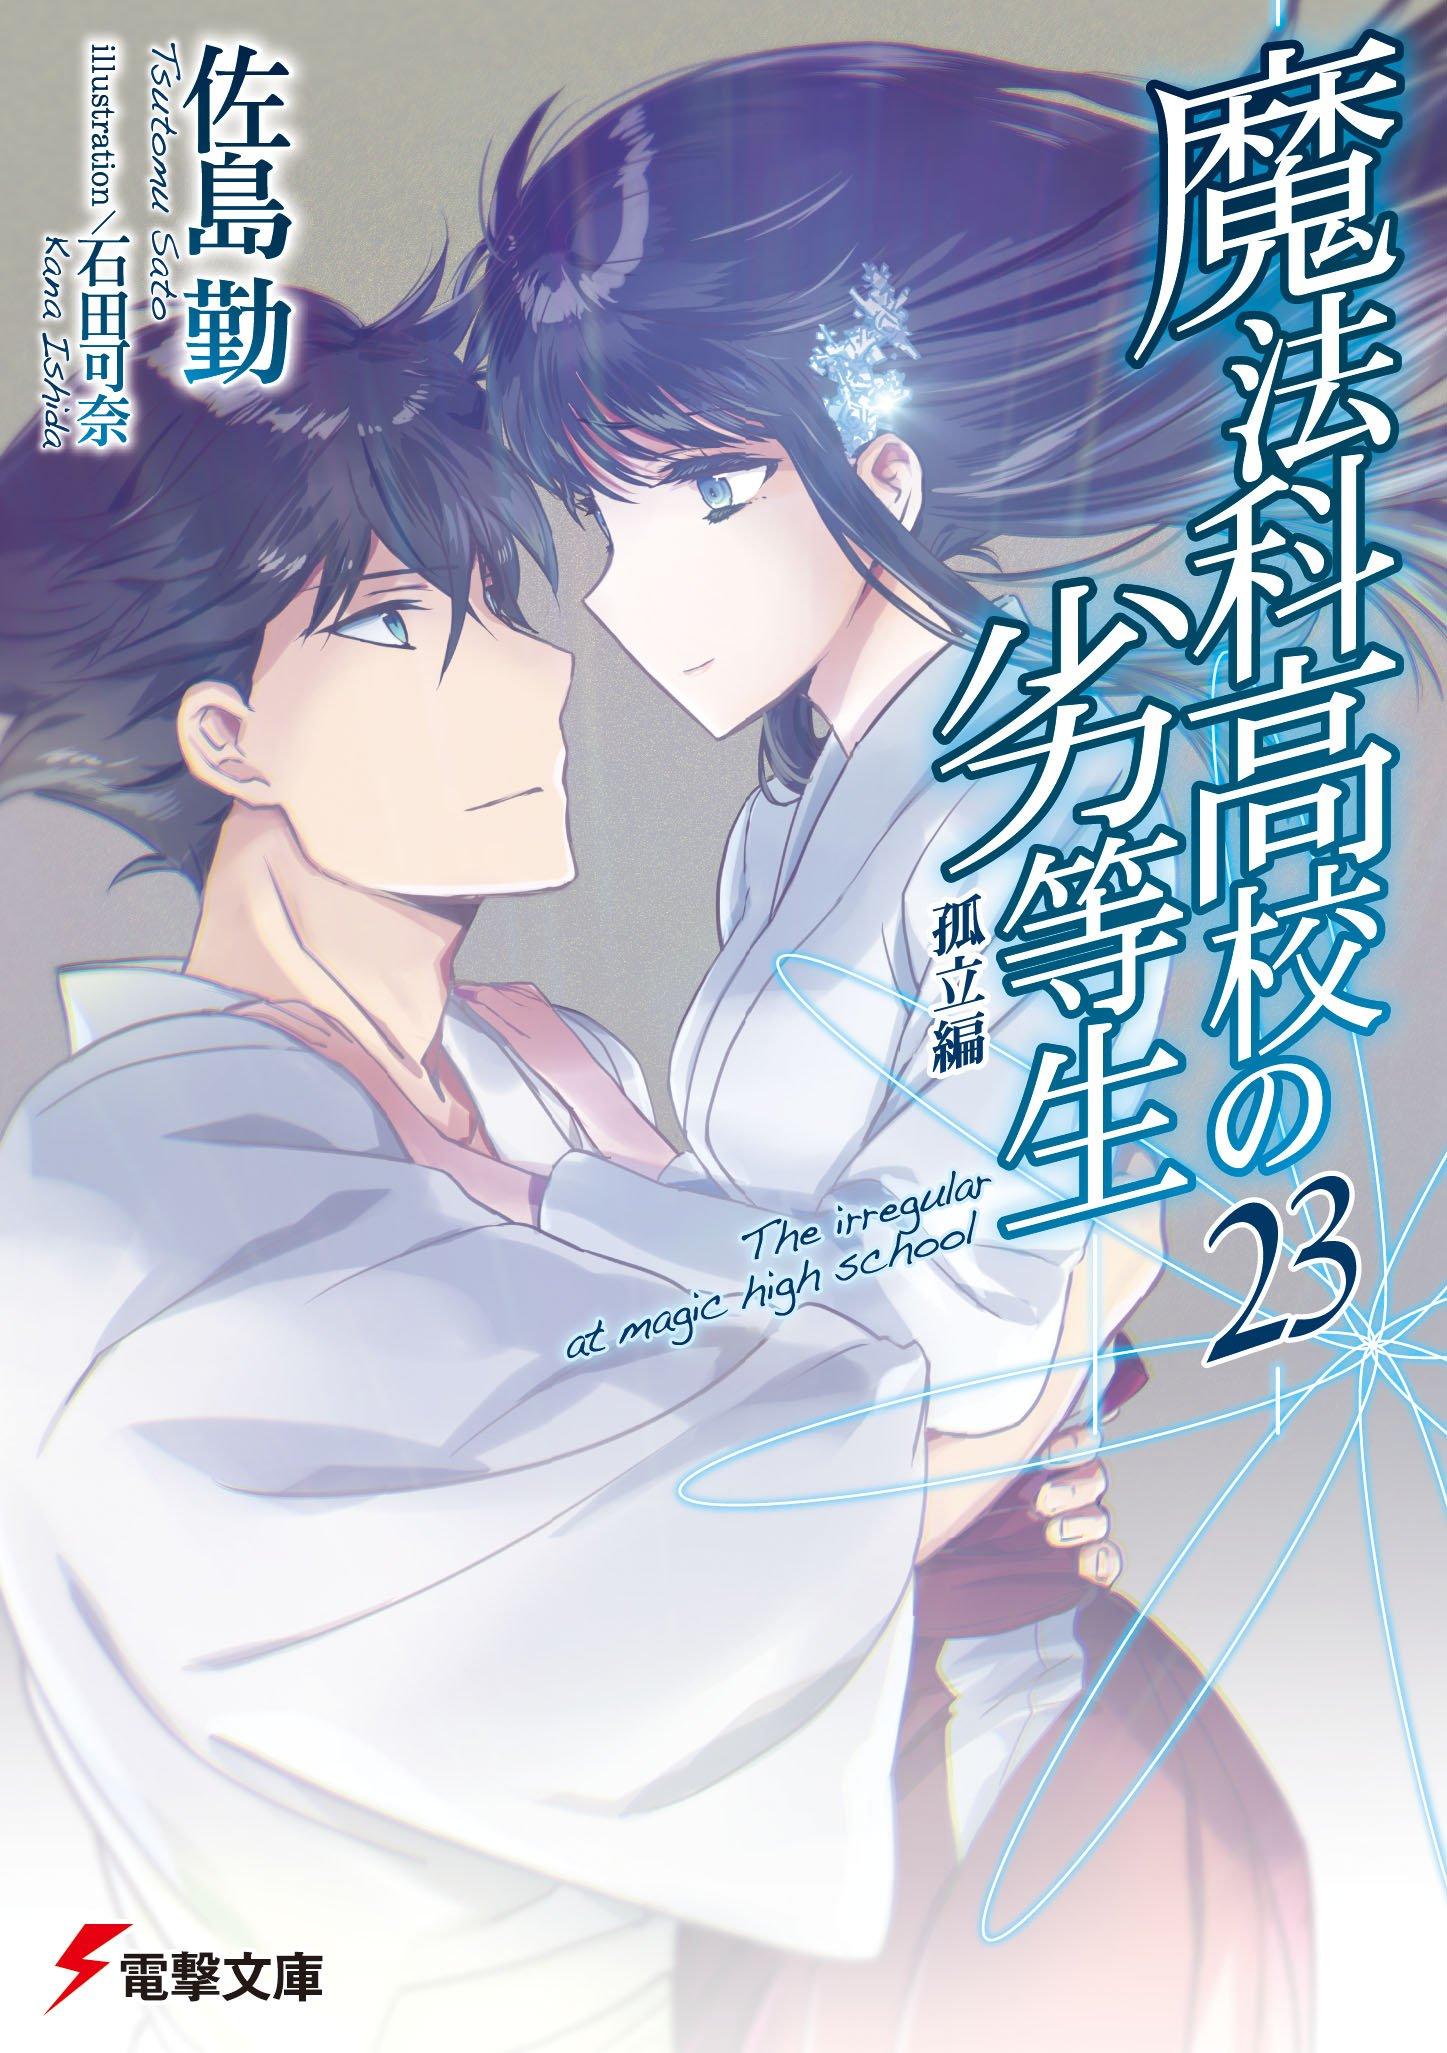 Mahouka Koukou No Rettousei Volume 15 Pdf